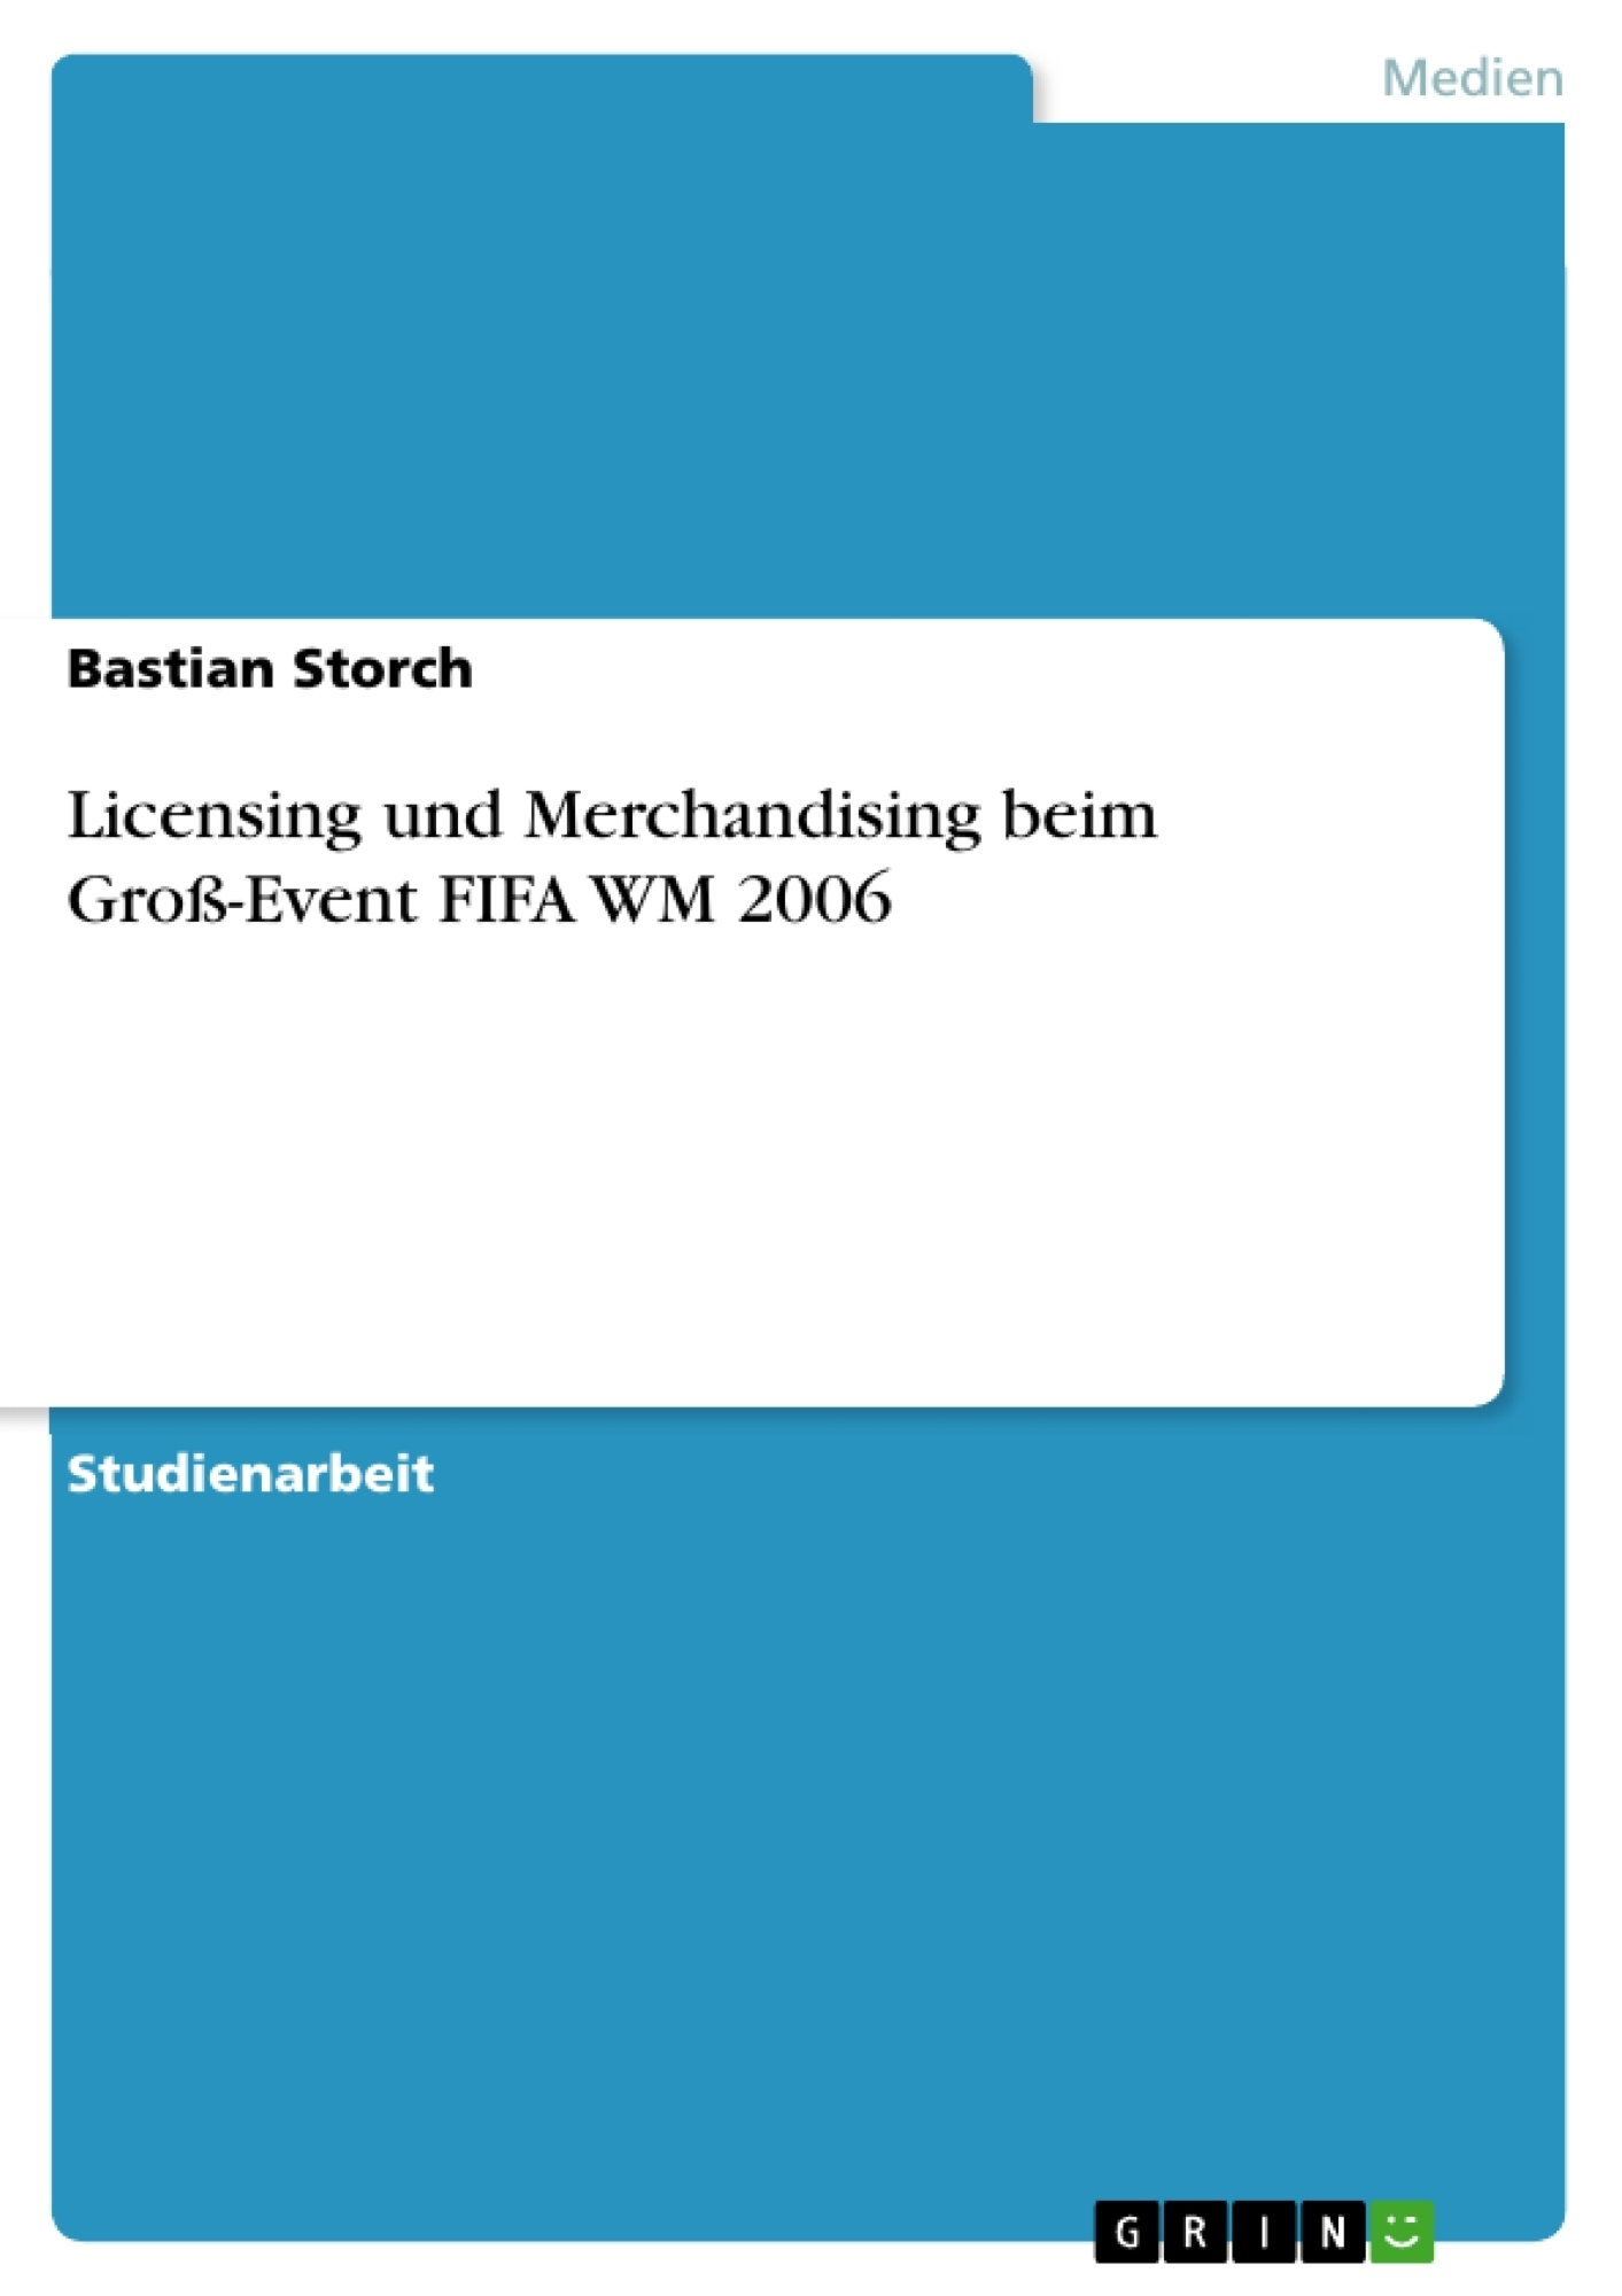 Titel: Licensing und Merchandising beim Groß-Event FIFA WM 2006